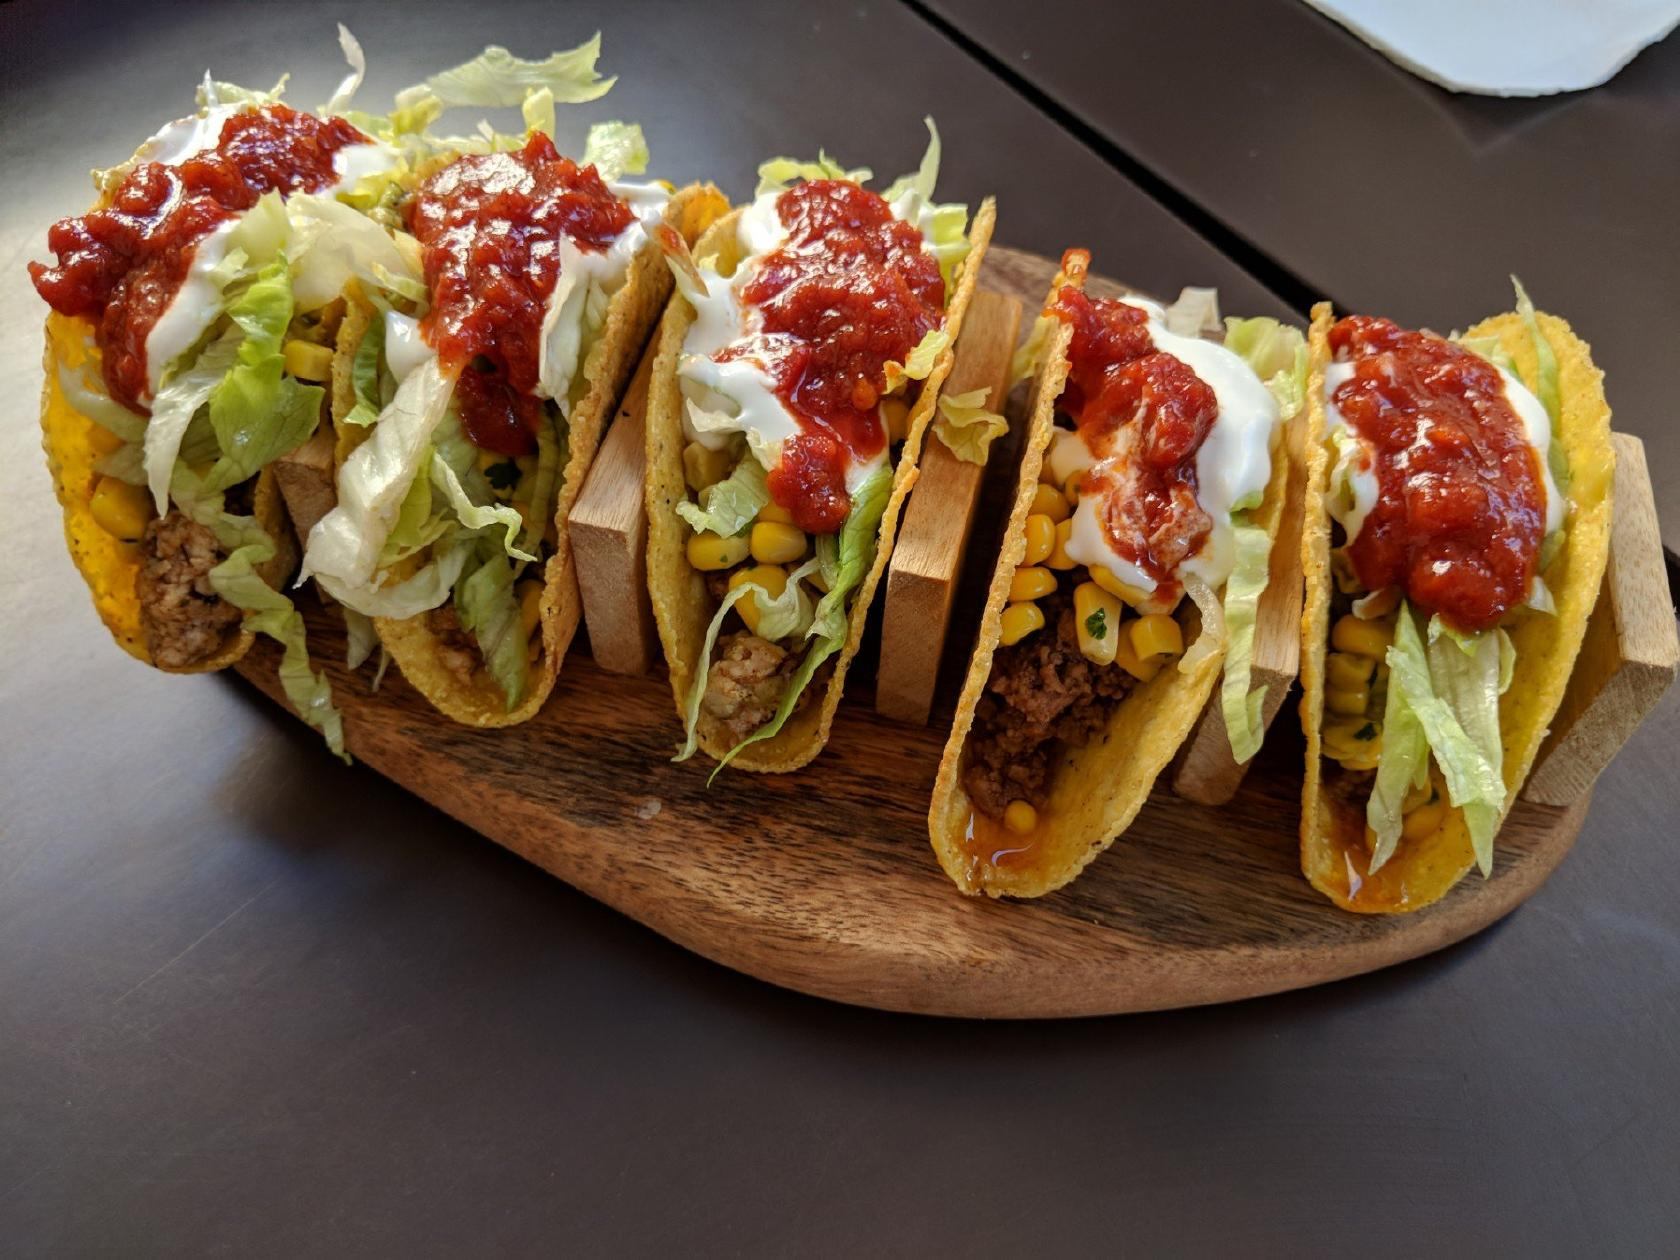 Los Chicos Mexican Grill Ristorante Firenze Via Dei Benci Recensioni Del Ristorante